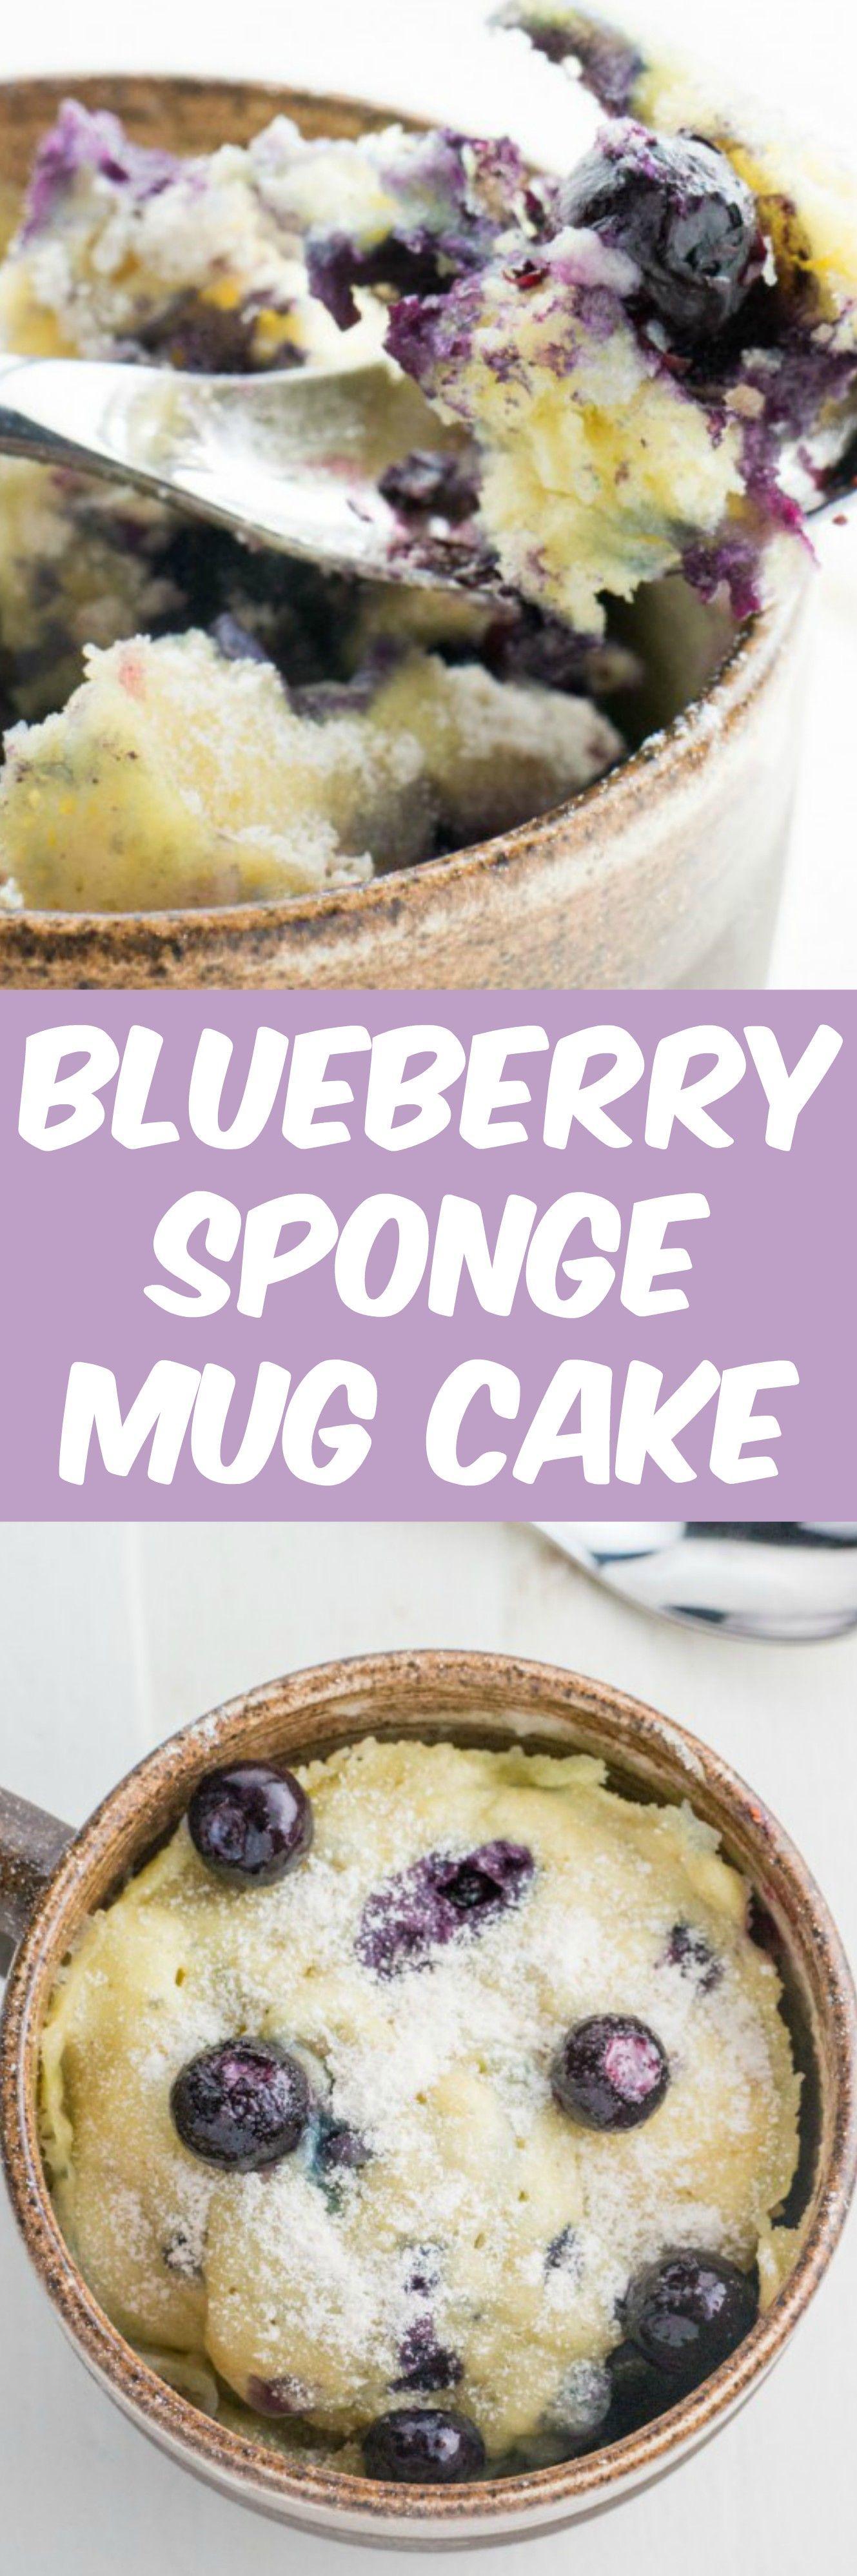 Blueberry Sponge Cake in a Mug | Recipe | Mug recipes ...